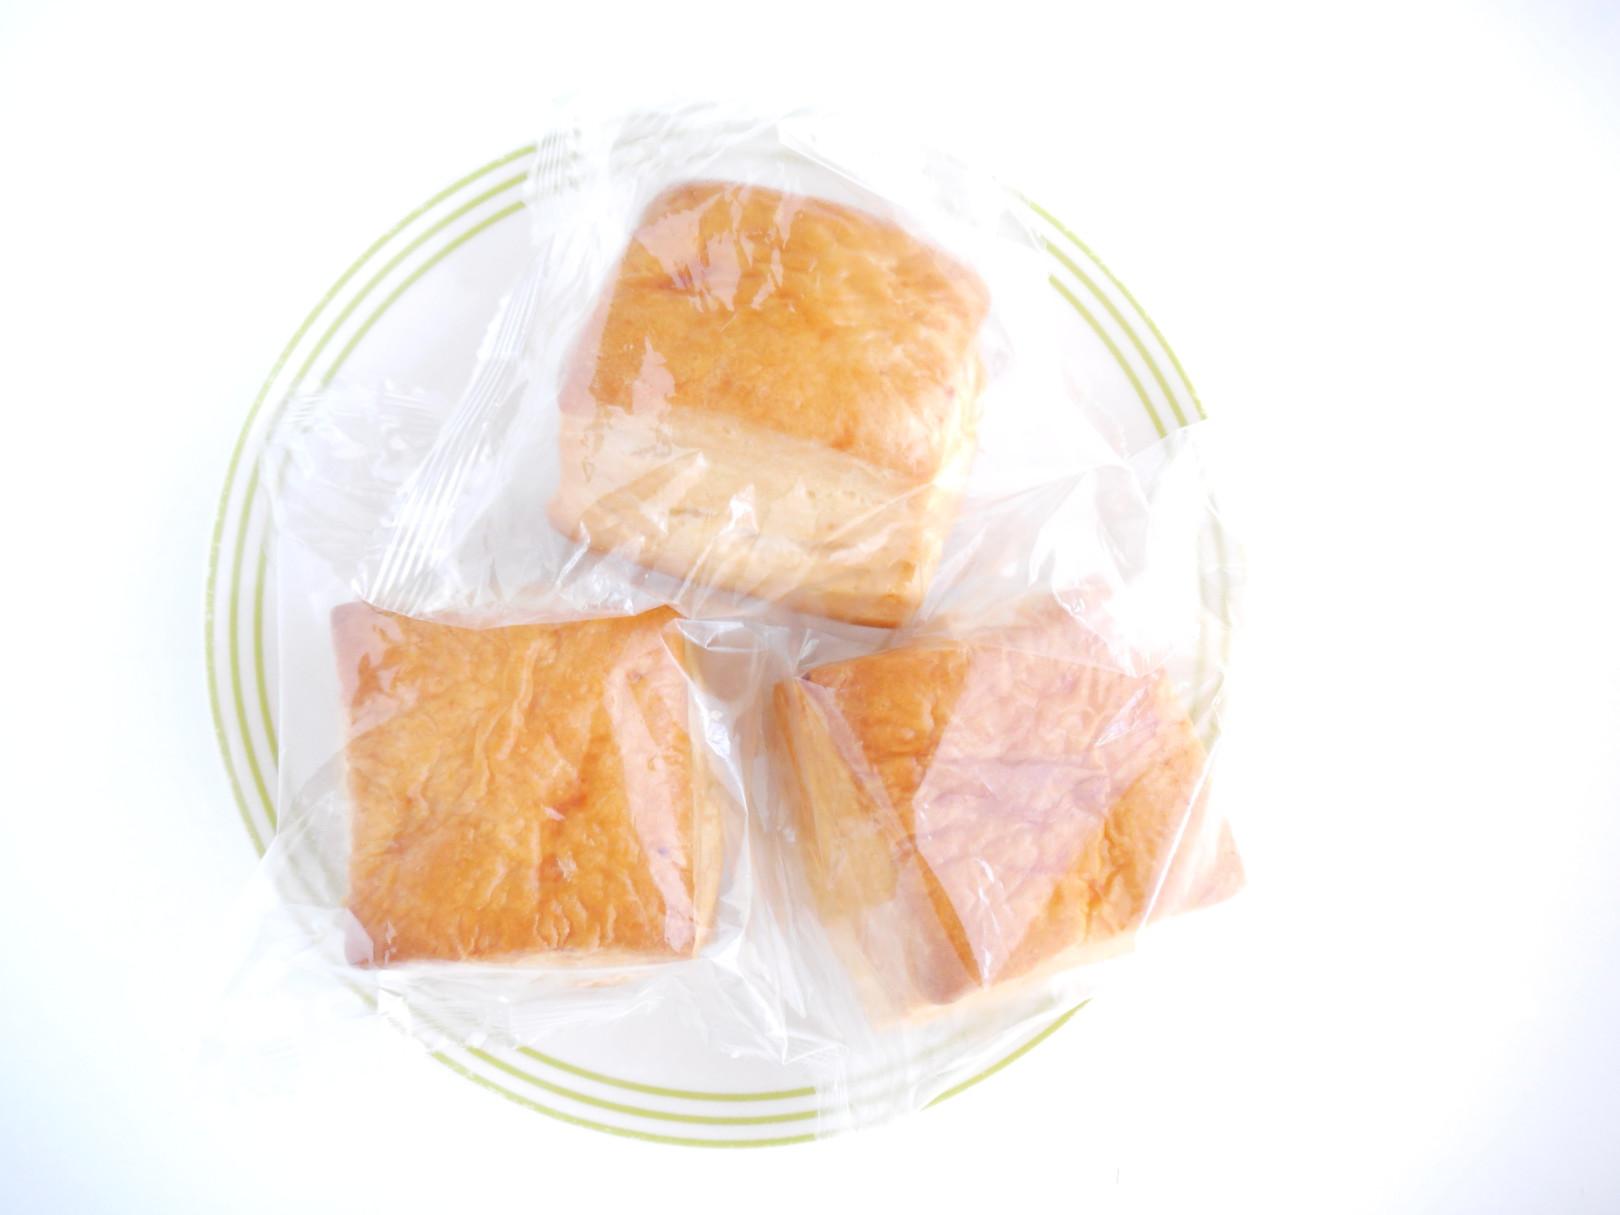 アメリカでは、スコーンのように外がカリッと中がしっとりしたパンやケーキのようなものを、ビスケットって呼びますよね。